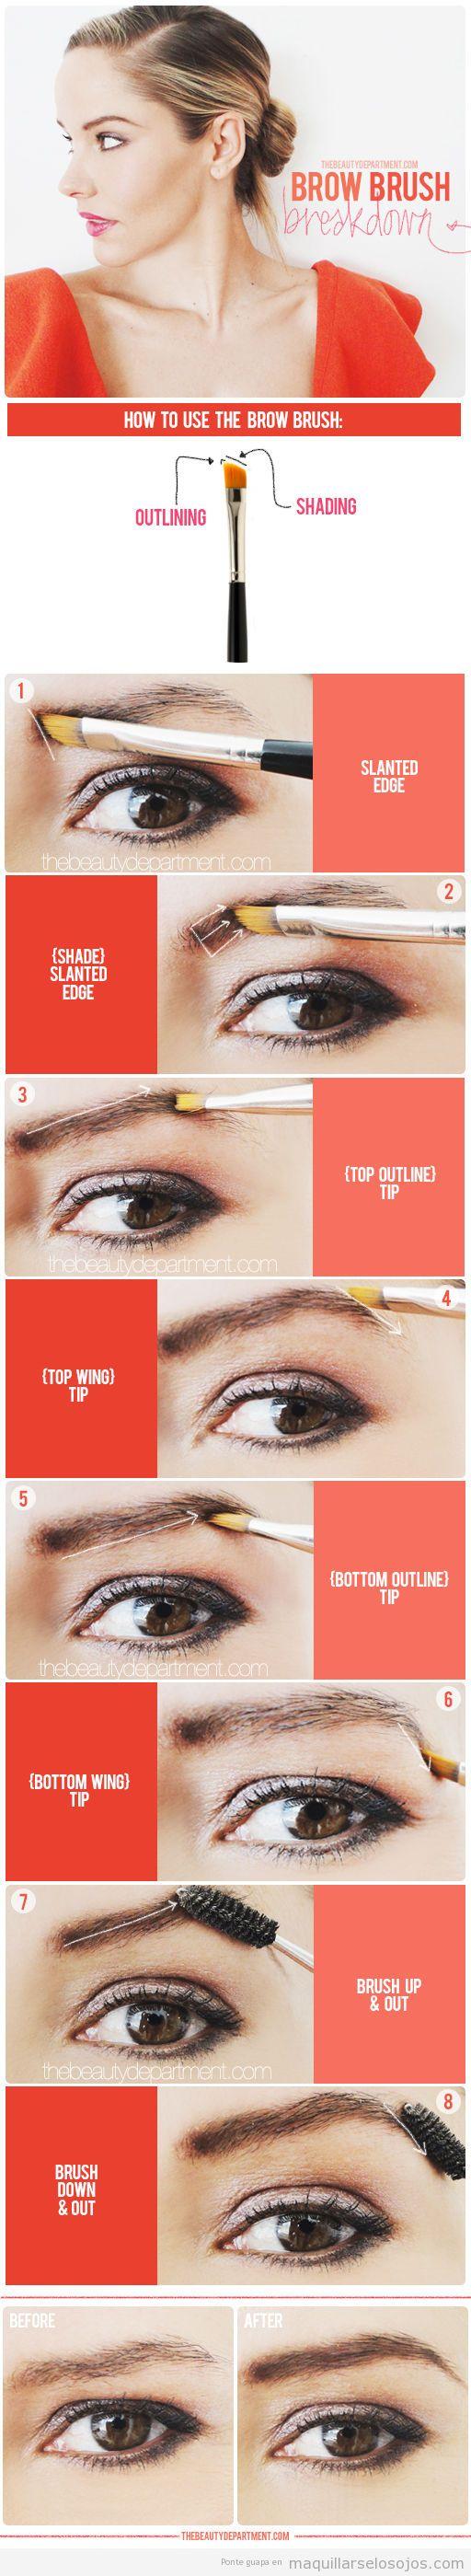 Tutorial para aprender a maquillarse las cejas con pincel